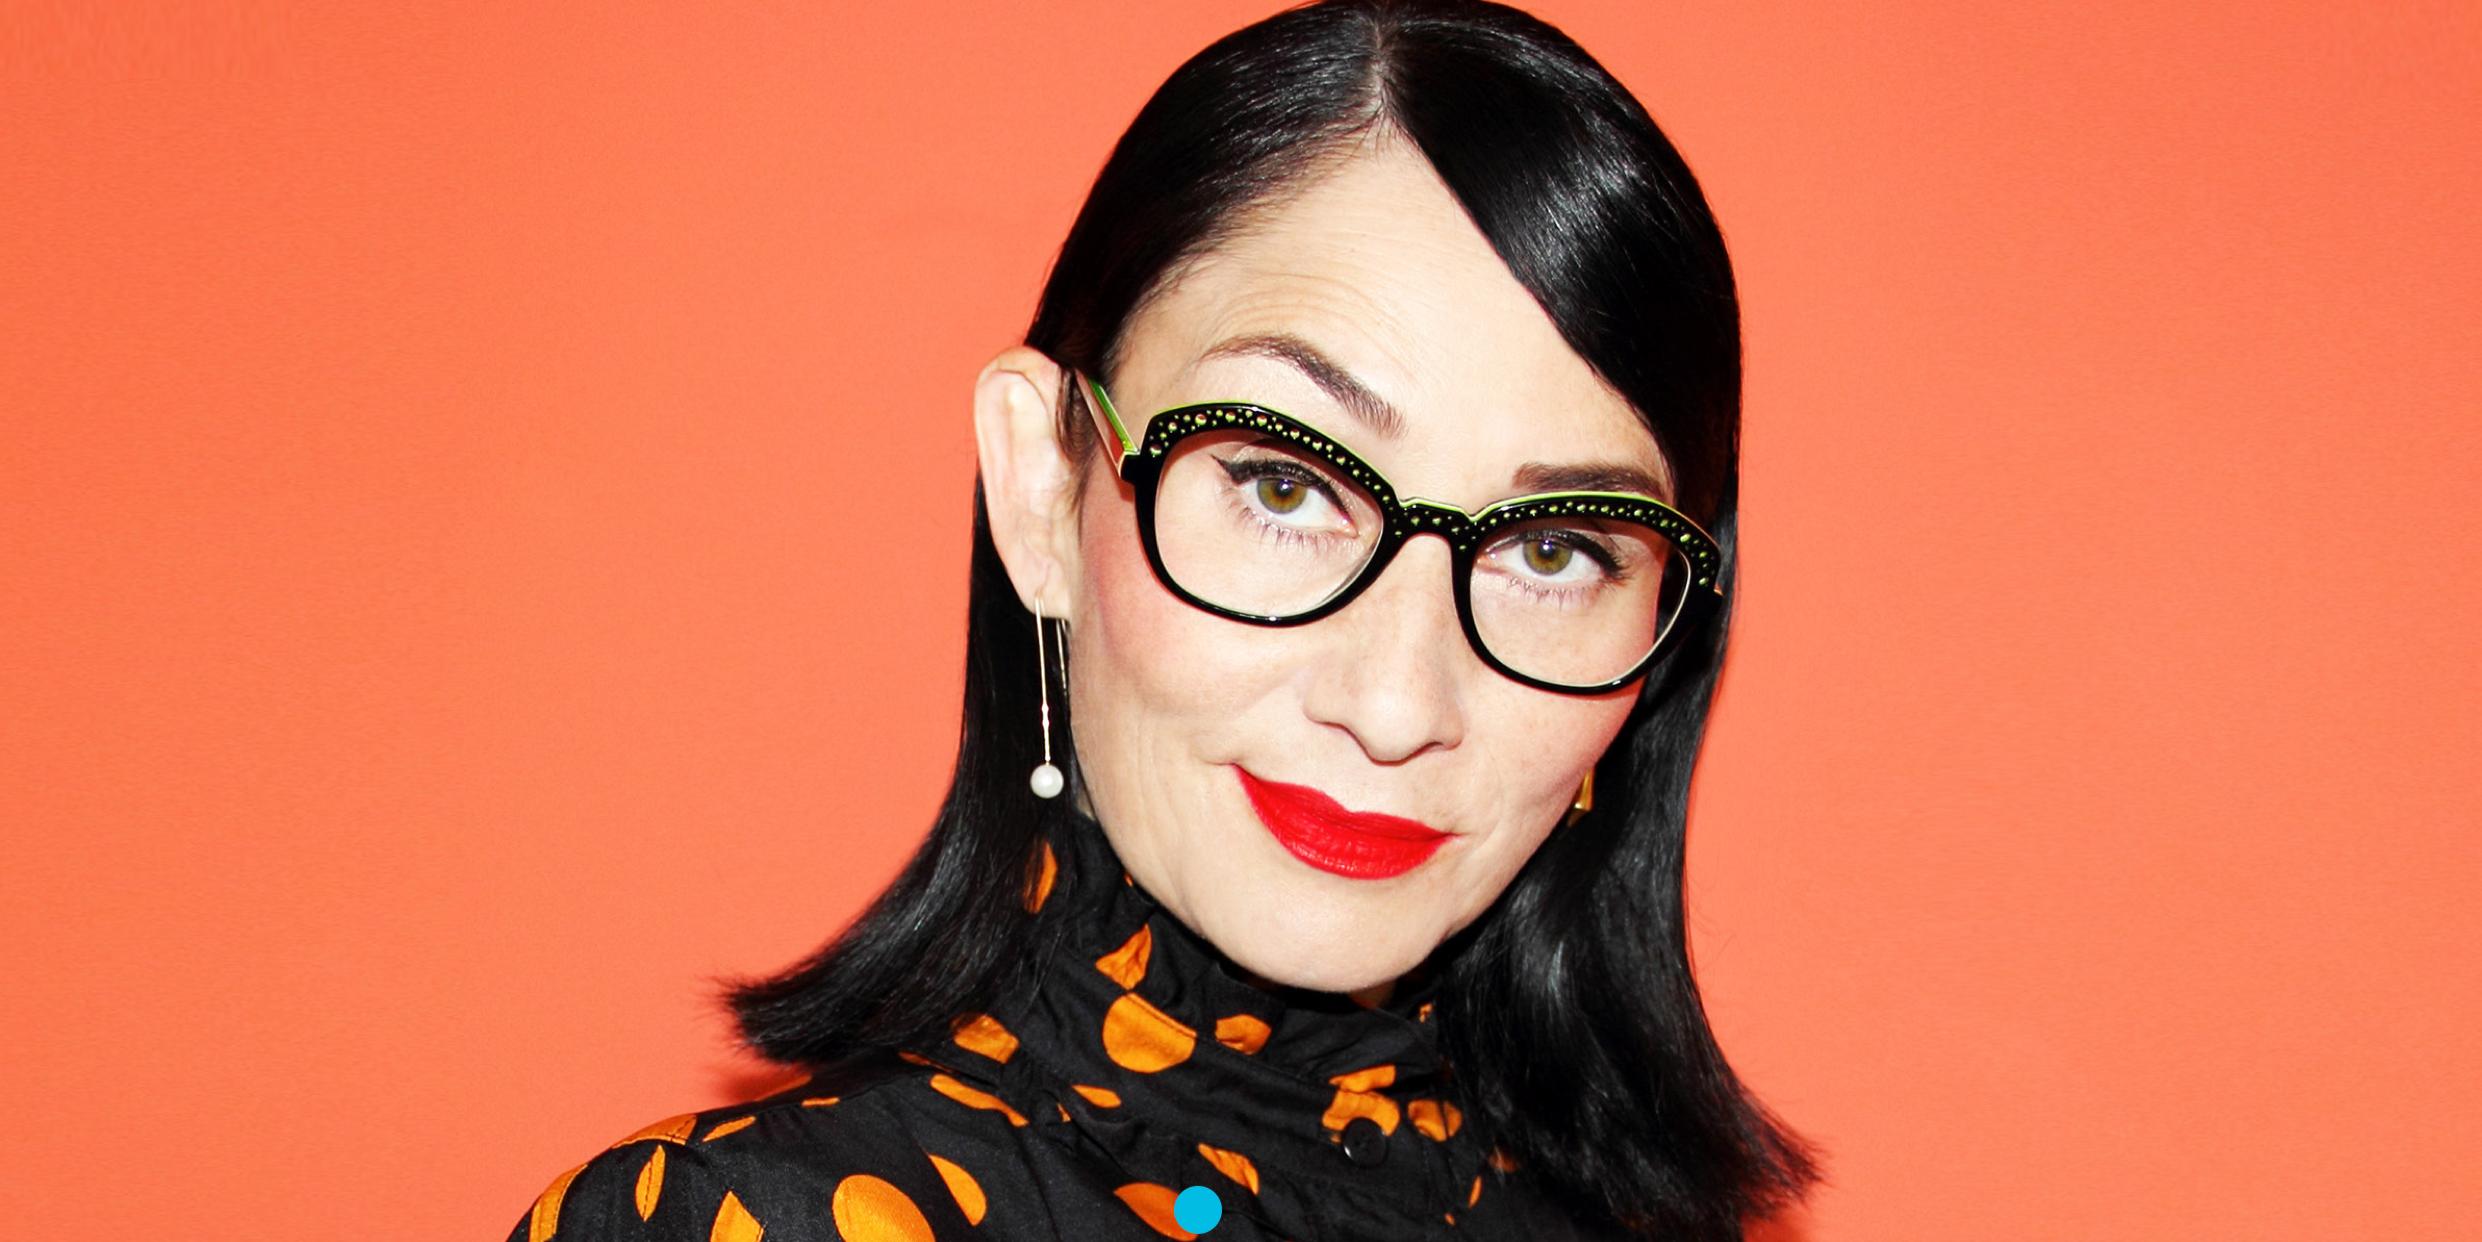 campagne 2019 pour la marque de lunettes LA. Eyeworks, Rose Apodaca porte le modèle Ocotillo noir